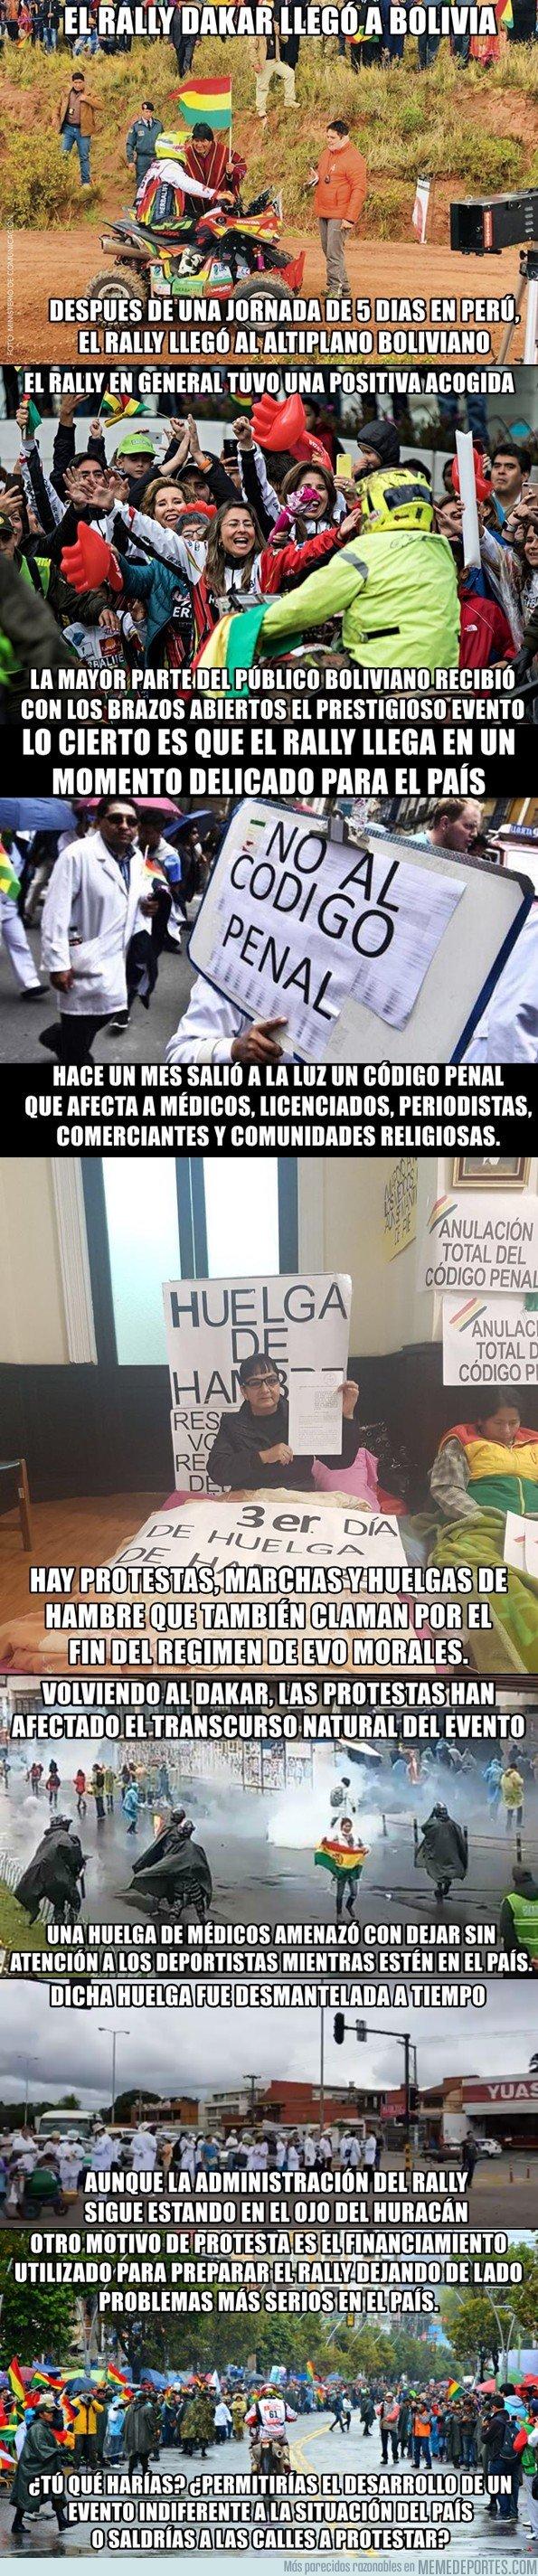 1016000 - Protestas en Bolivia por el Rally Dakar